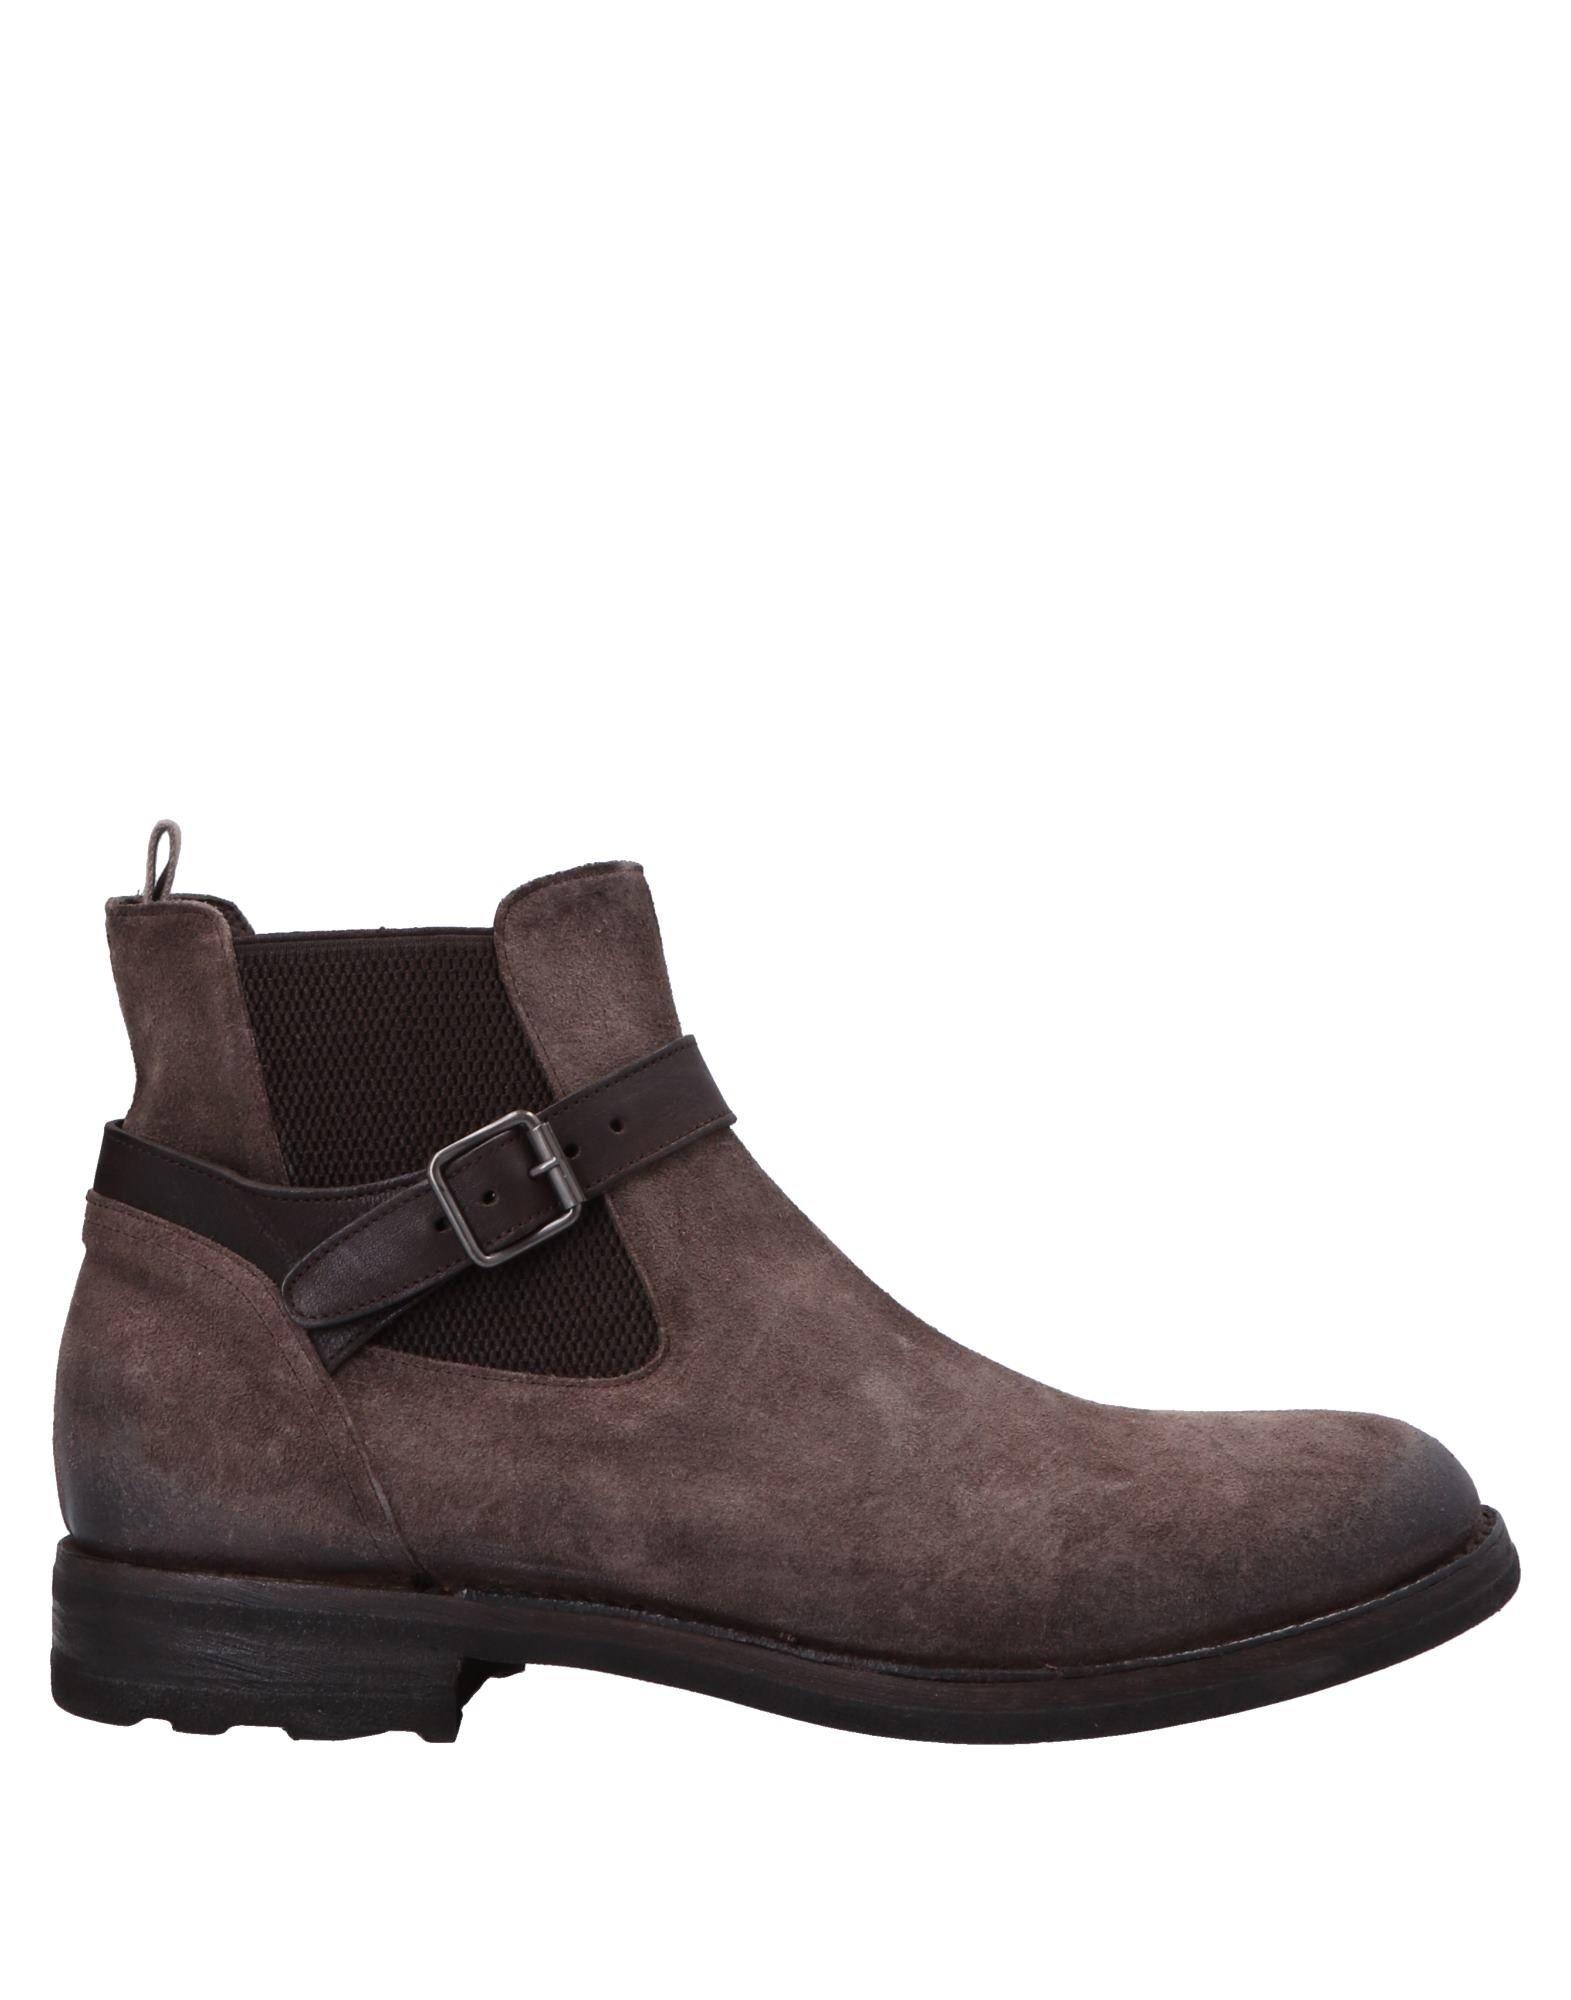 Pantanetti Stiefelette Herren  11556353JO Gute Qualität beliebte Schuhe